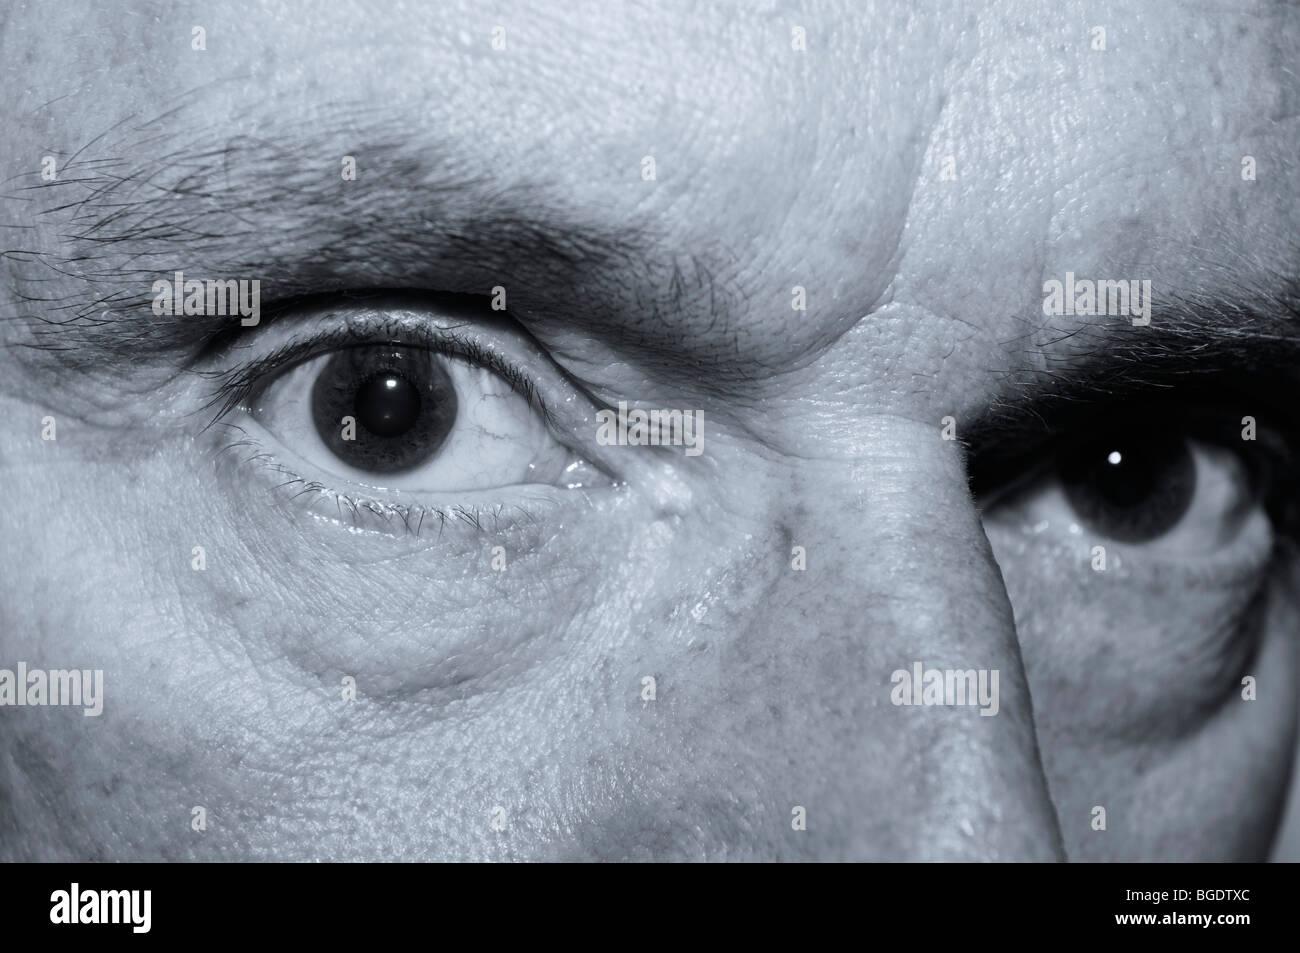 Finstere nachschlagen in der Nähe eines alten mans Augen in Monochrom Stockbild